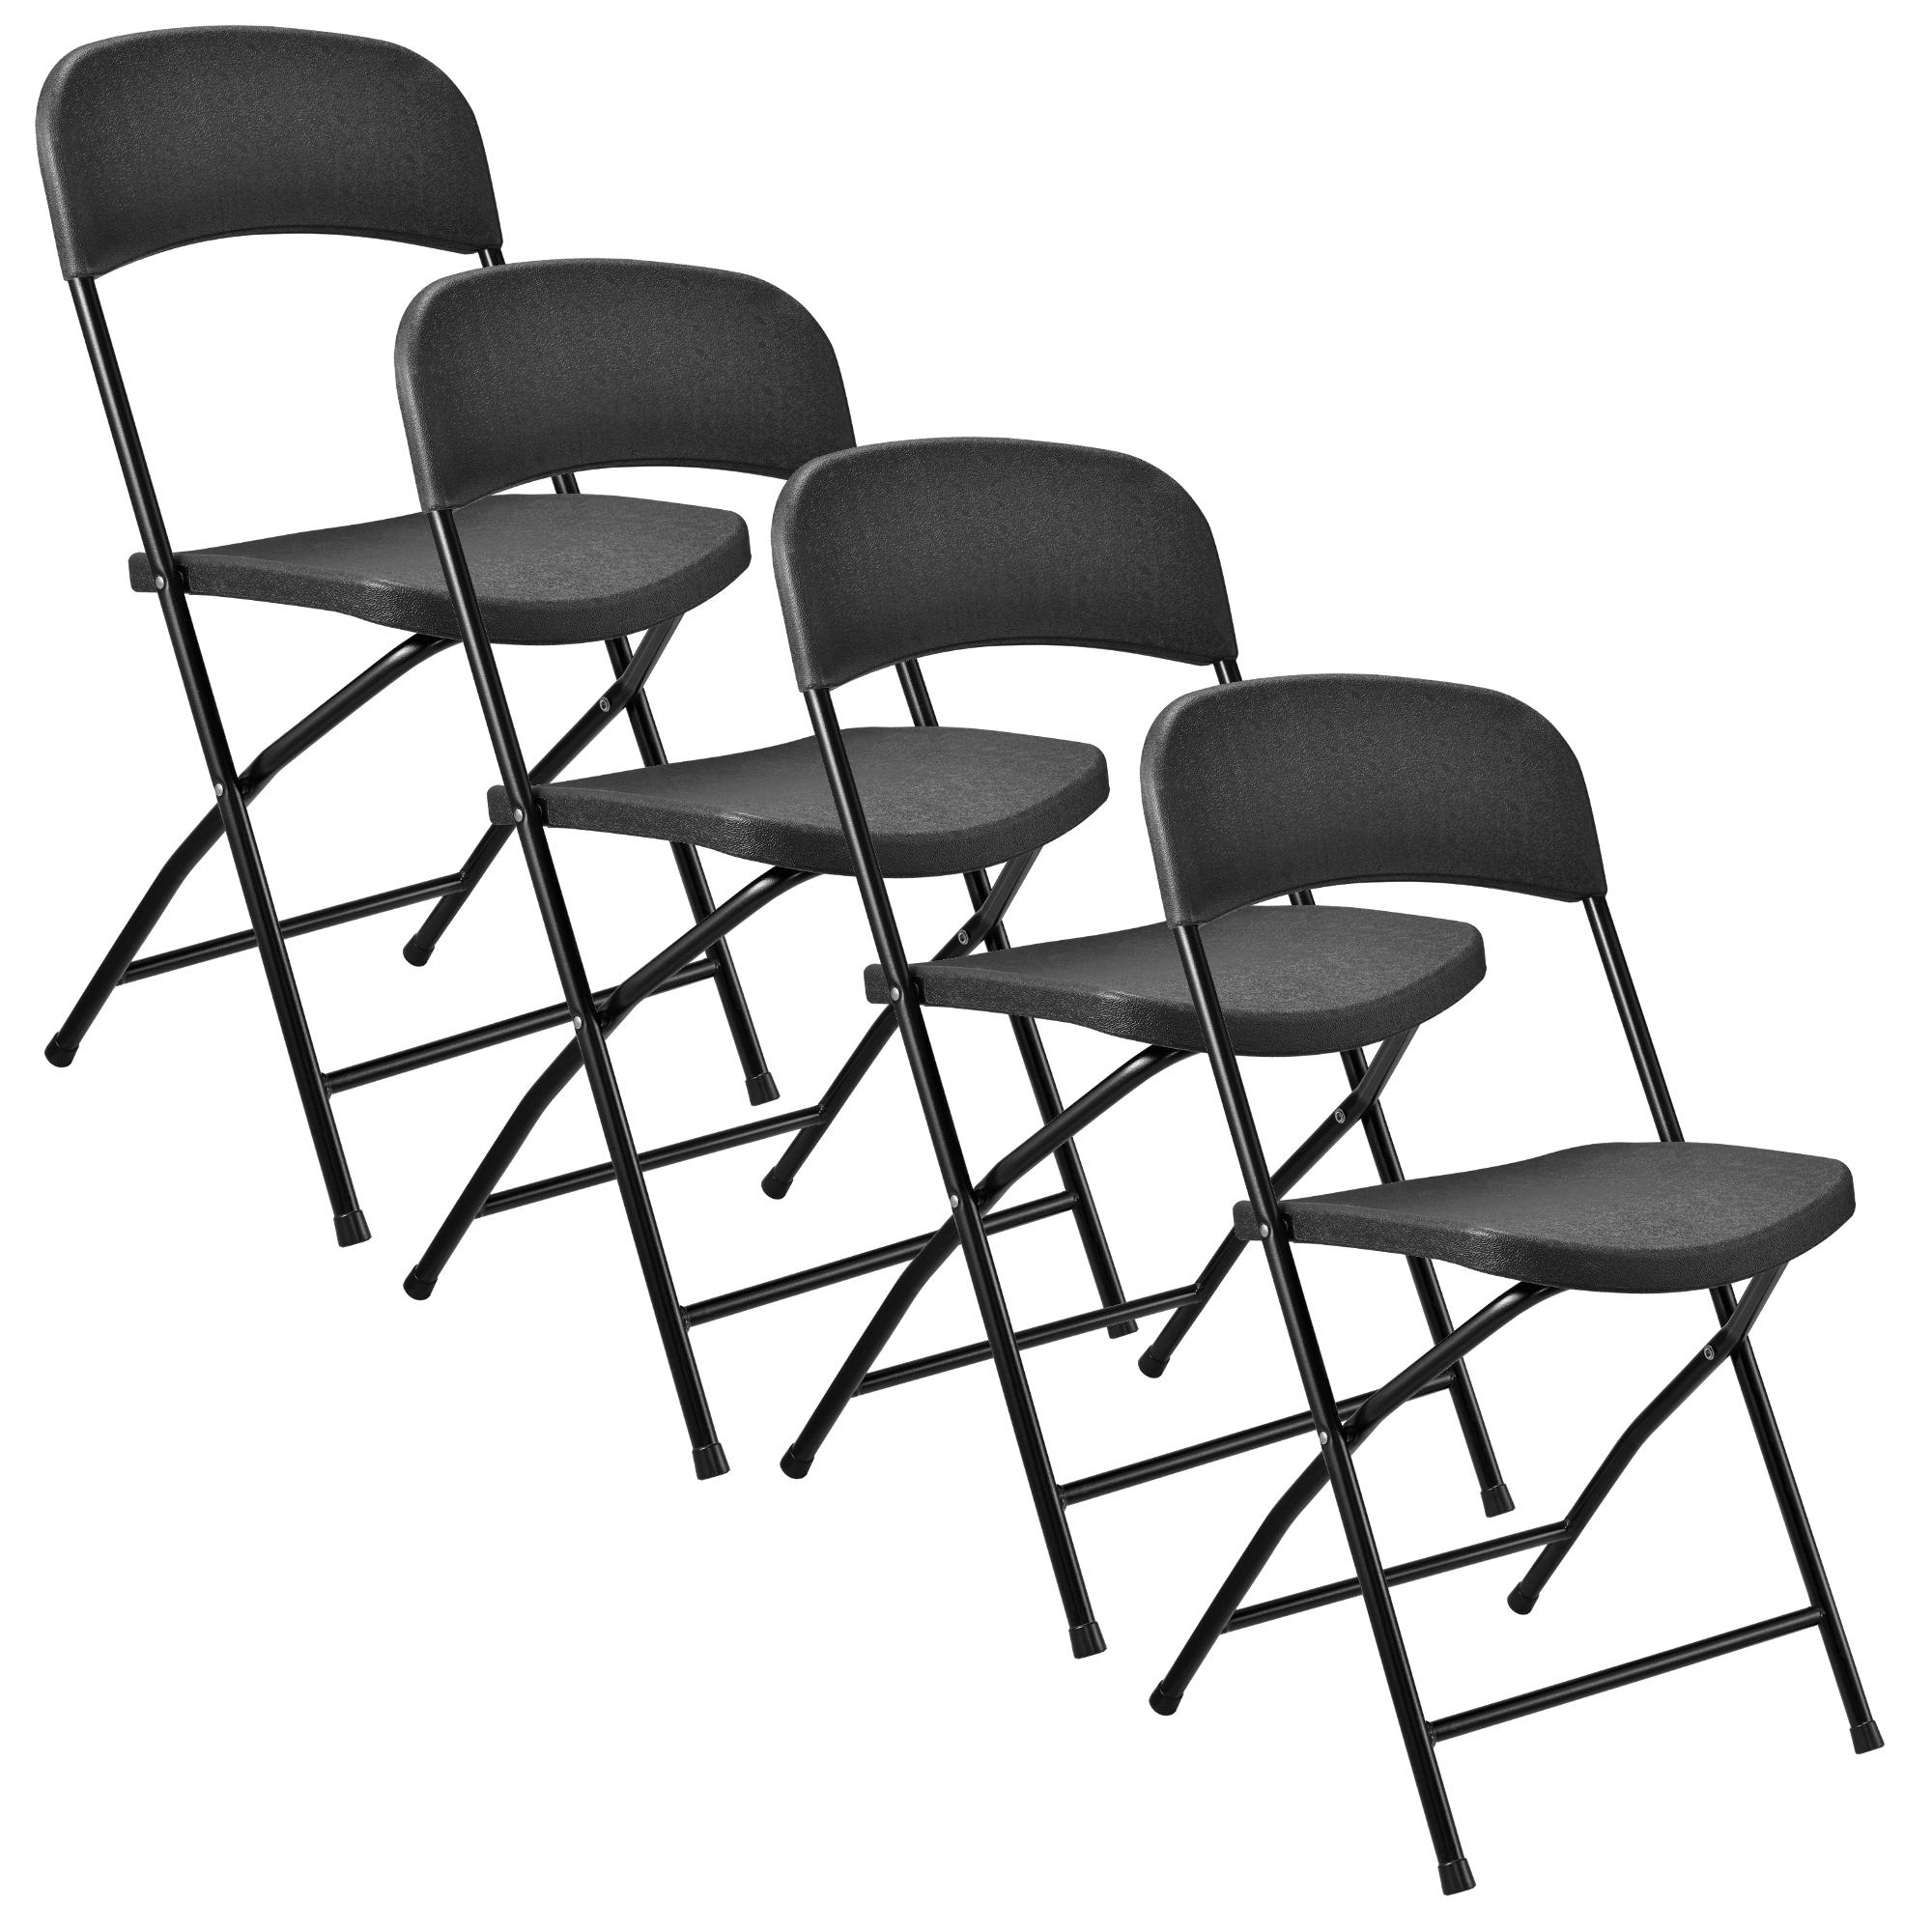 Table de jardin gris 183x76cm avec 4 chaises garniture pliante ebay - Table pliante avec 4 chaises integrees ...